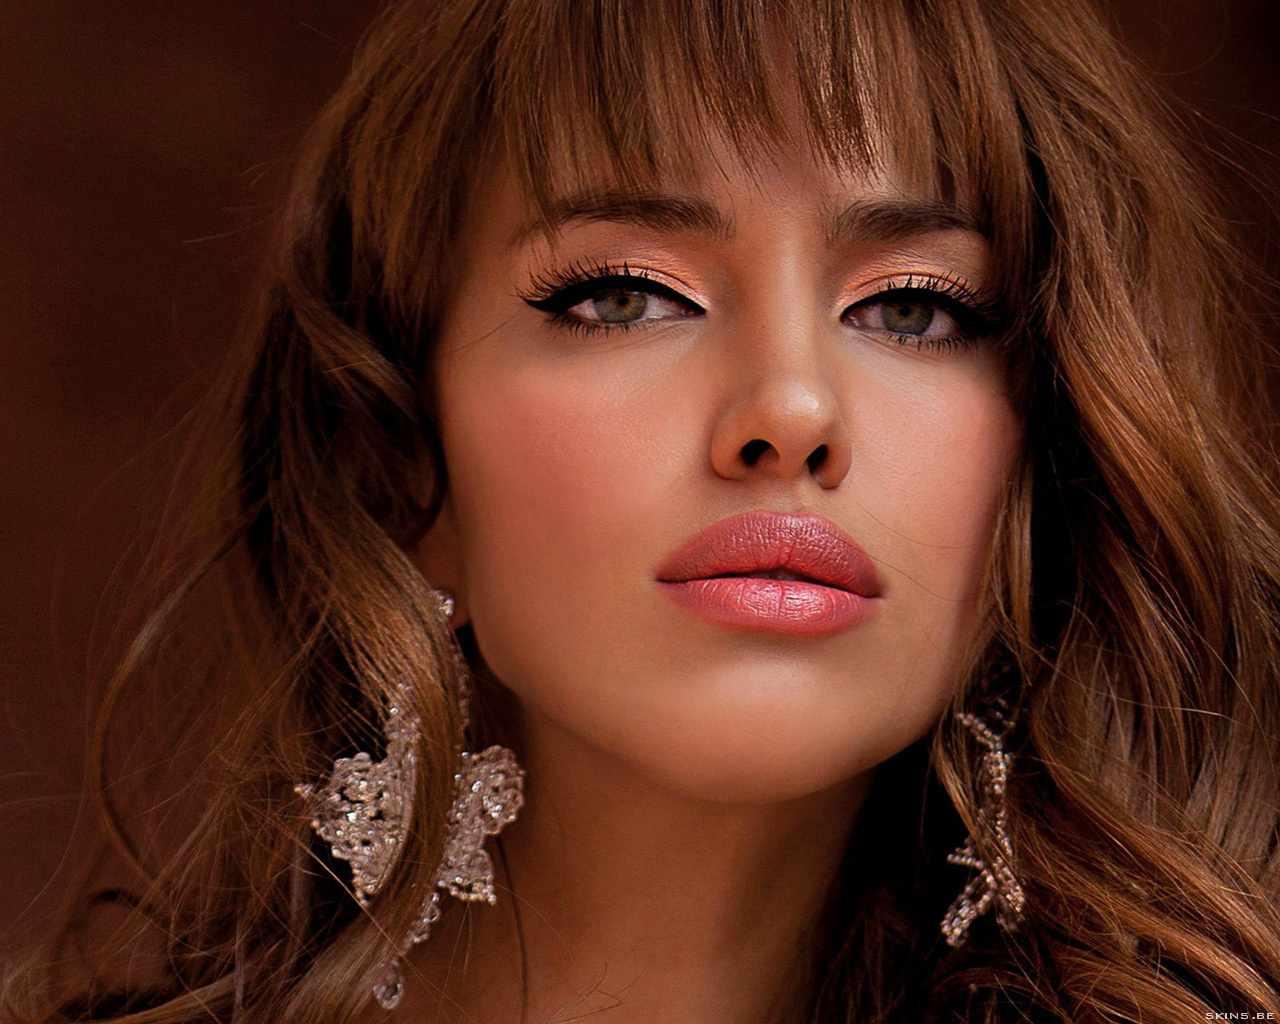 http://4.bp.blogspot.com/-FqRMnMjErbo/TiFAT63EC1I/AAAAAAAAHmA/hkjHVM0SaSQ/s1600/irina-sheik-1280x1024-39986.jpg